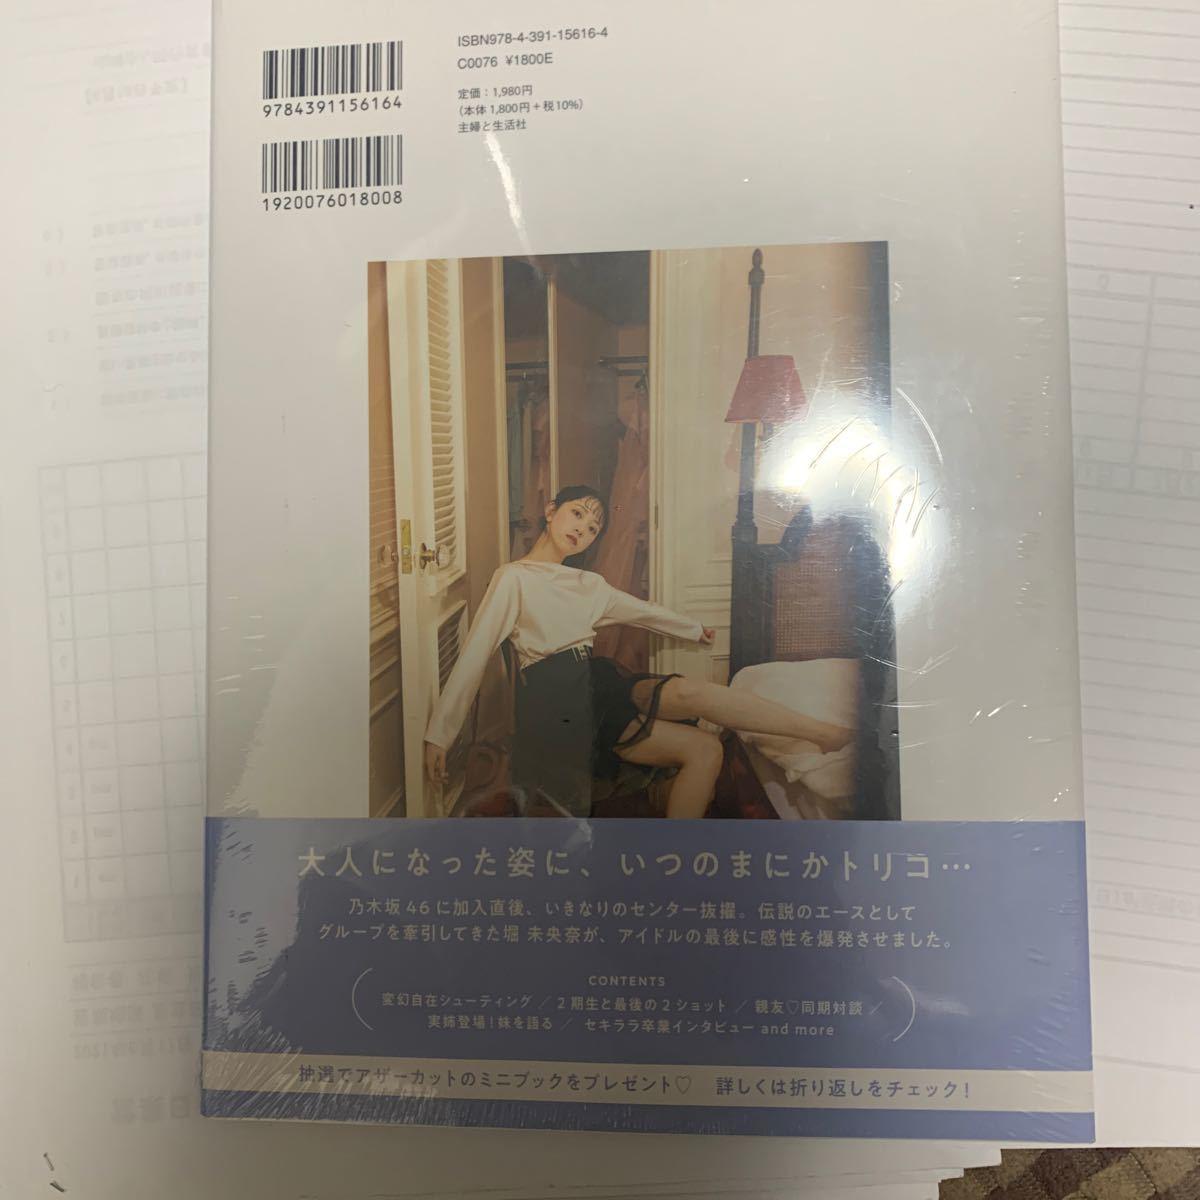 いつのまにか 乃木坂46卒業記念堀未央奈1stフォトブック/MELON/堀未央奈